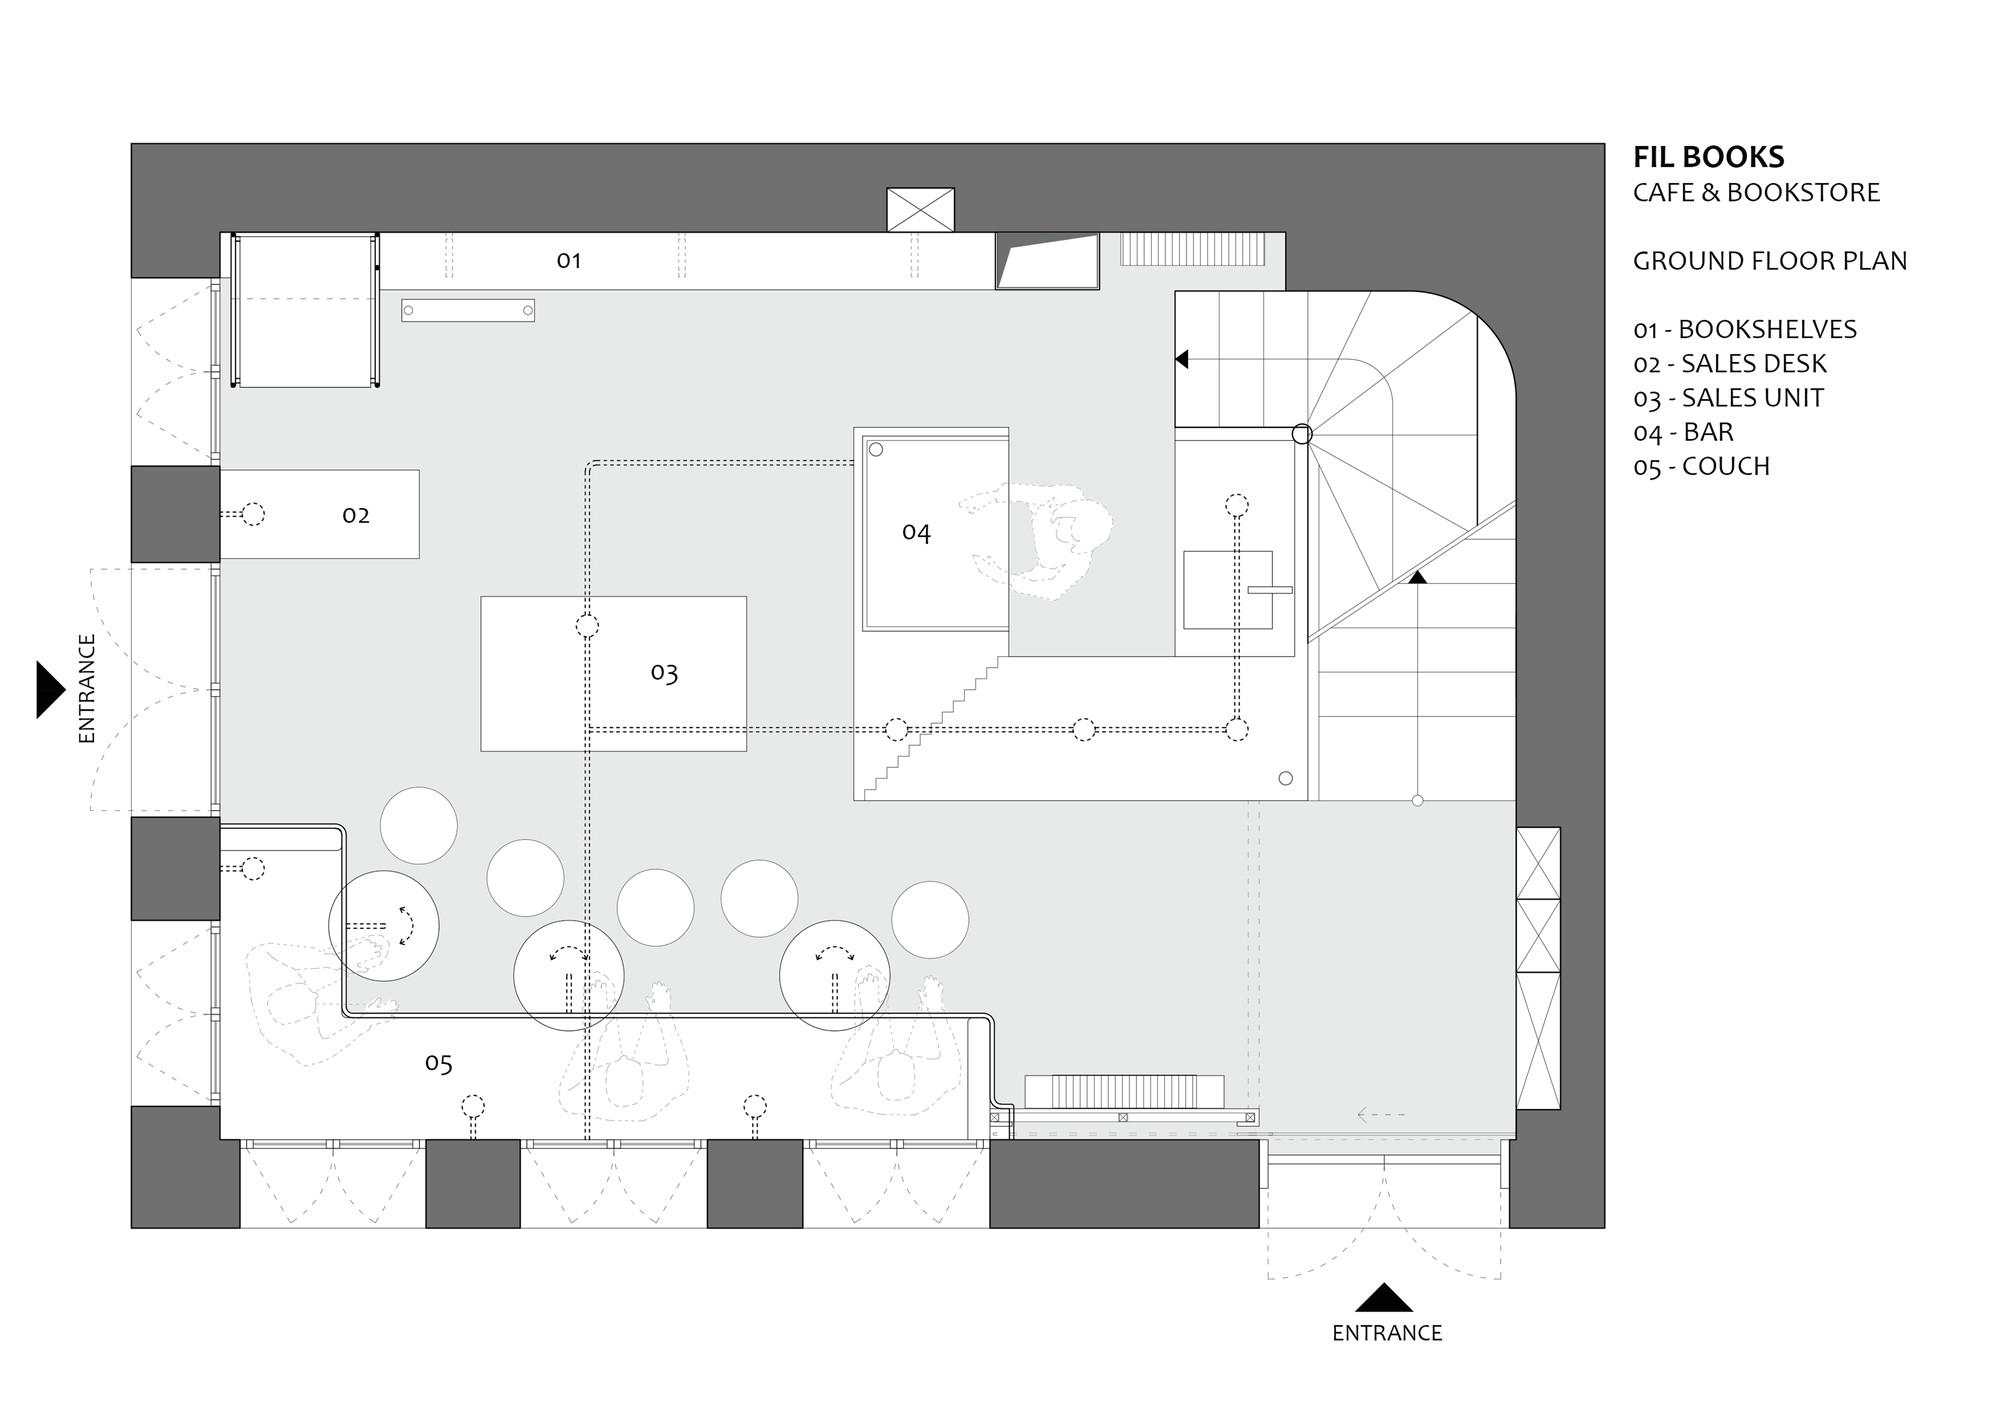 55fa2486e58ece1017000468 fil books halukar architecture floor plan